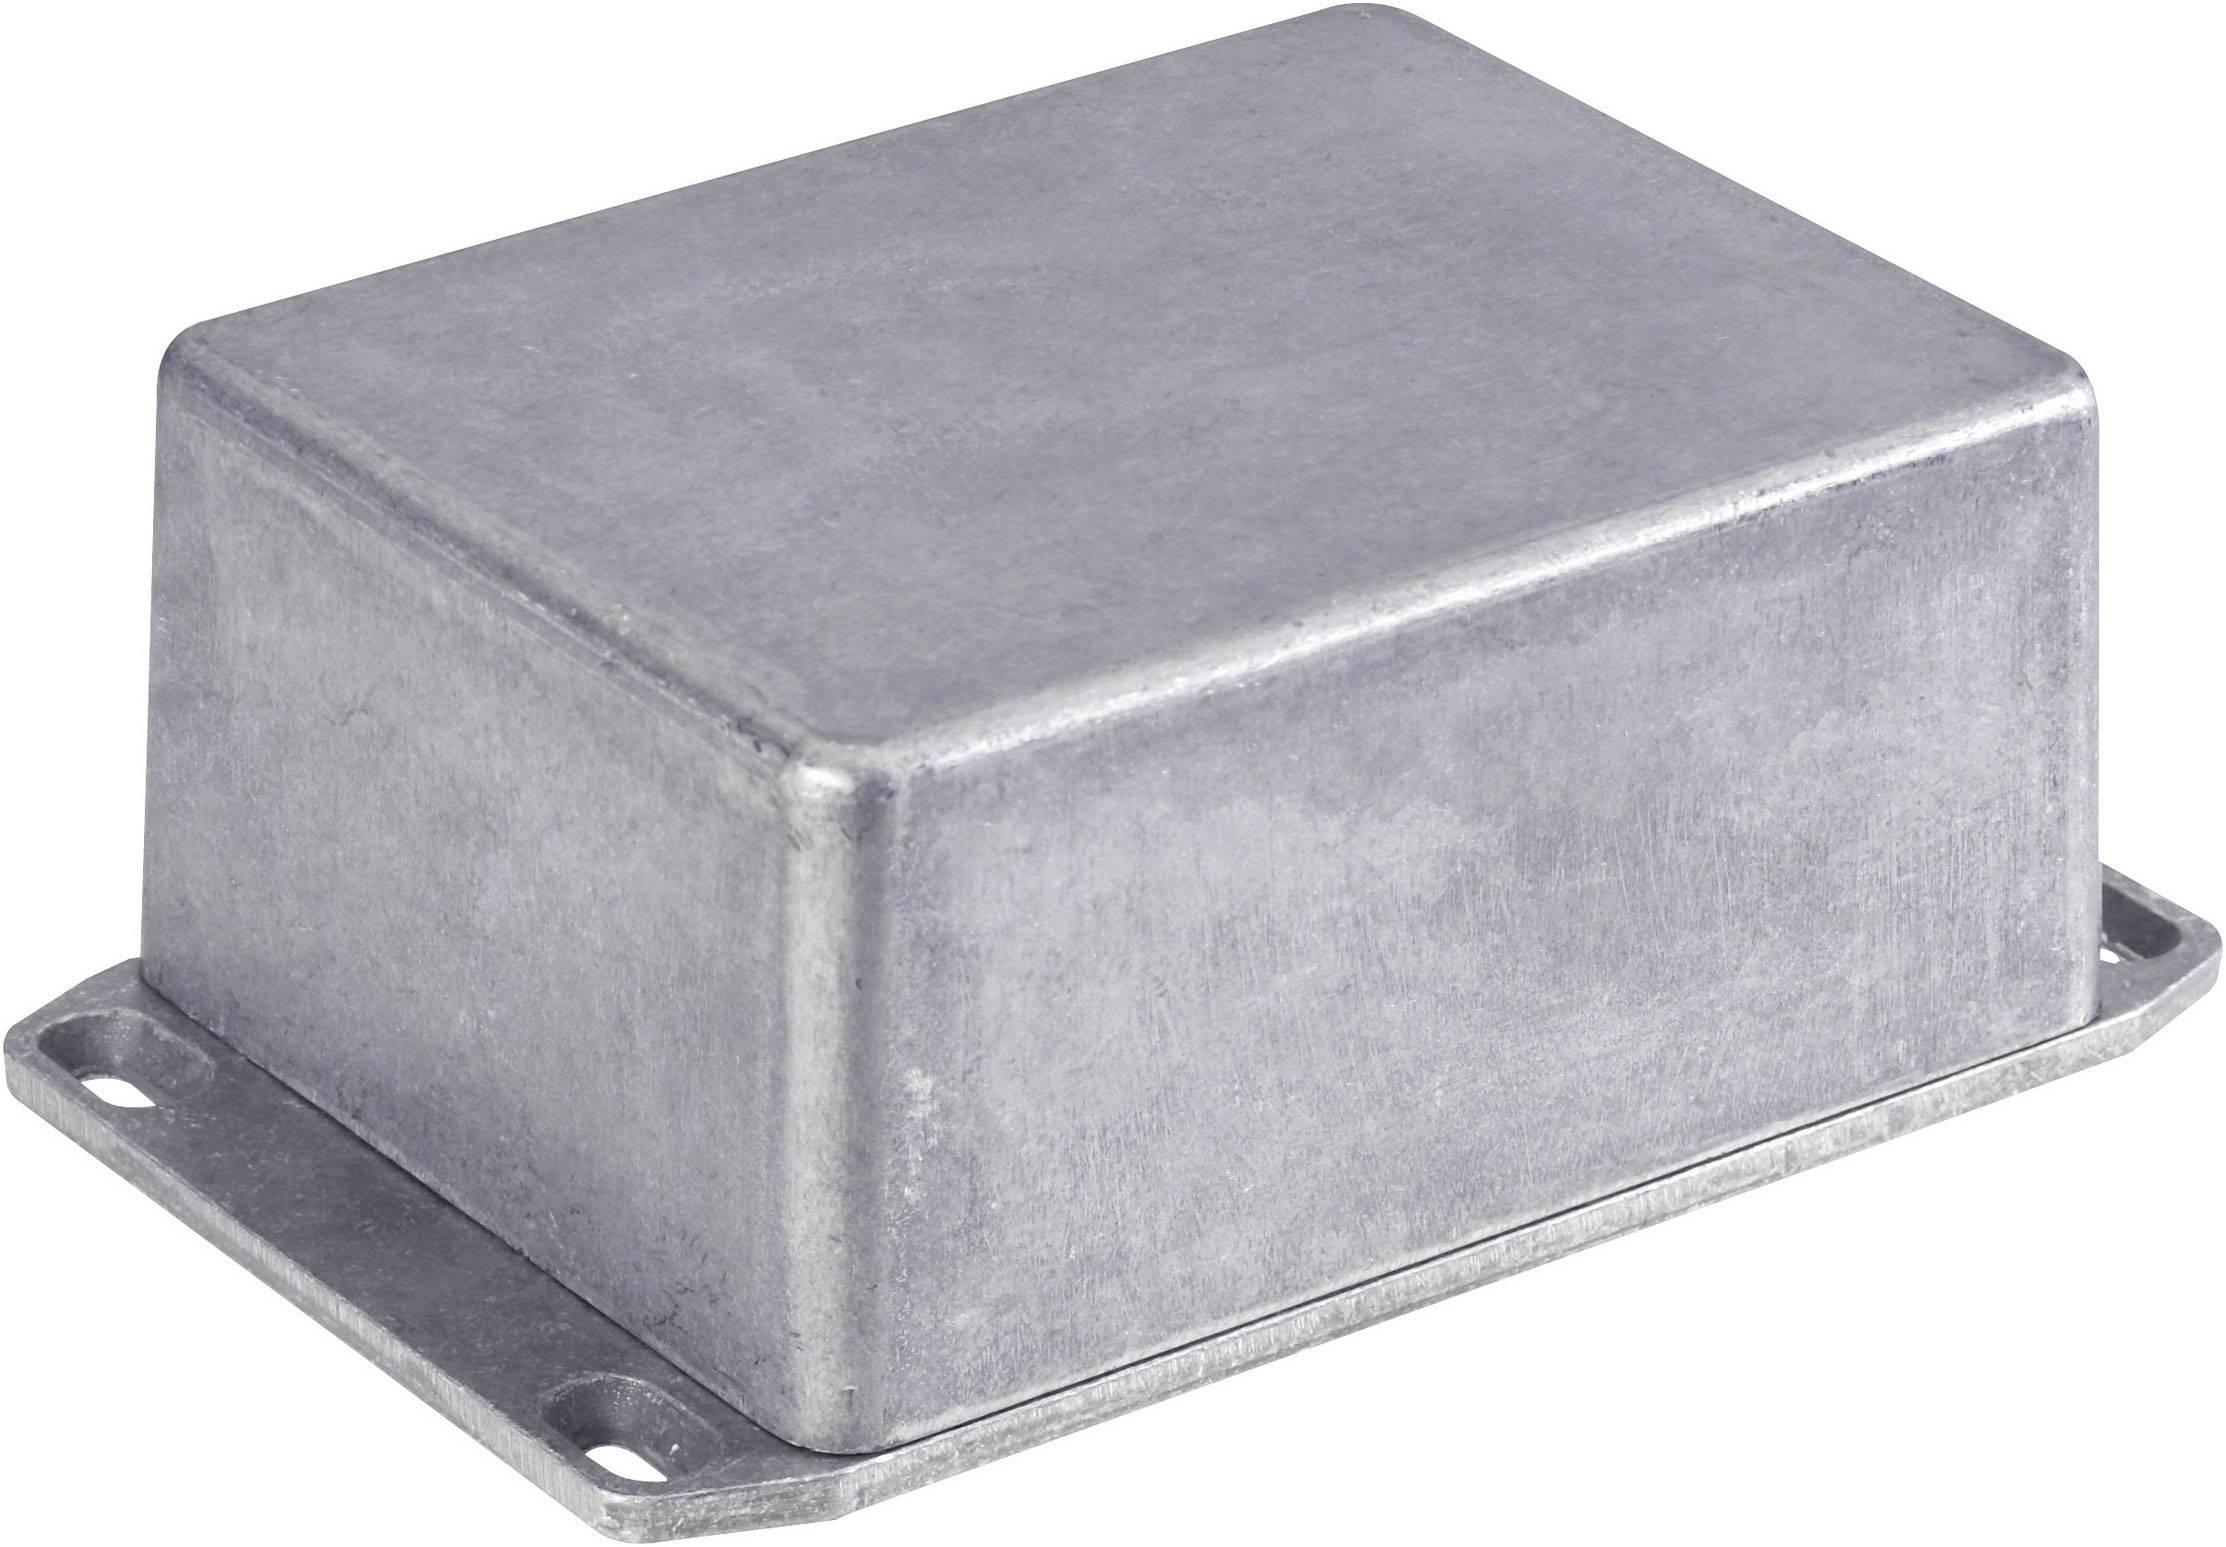 Tlakem lité hliníkové pouzdro Hammond Electronics 1590WSFLBK, (d x š x v) 111 x 82 x 44 mm, černá